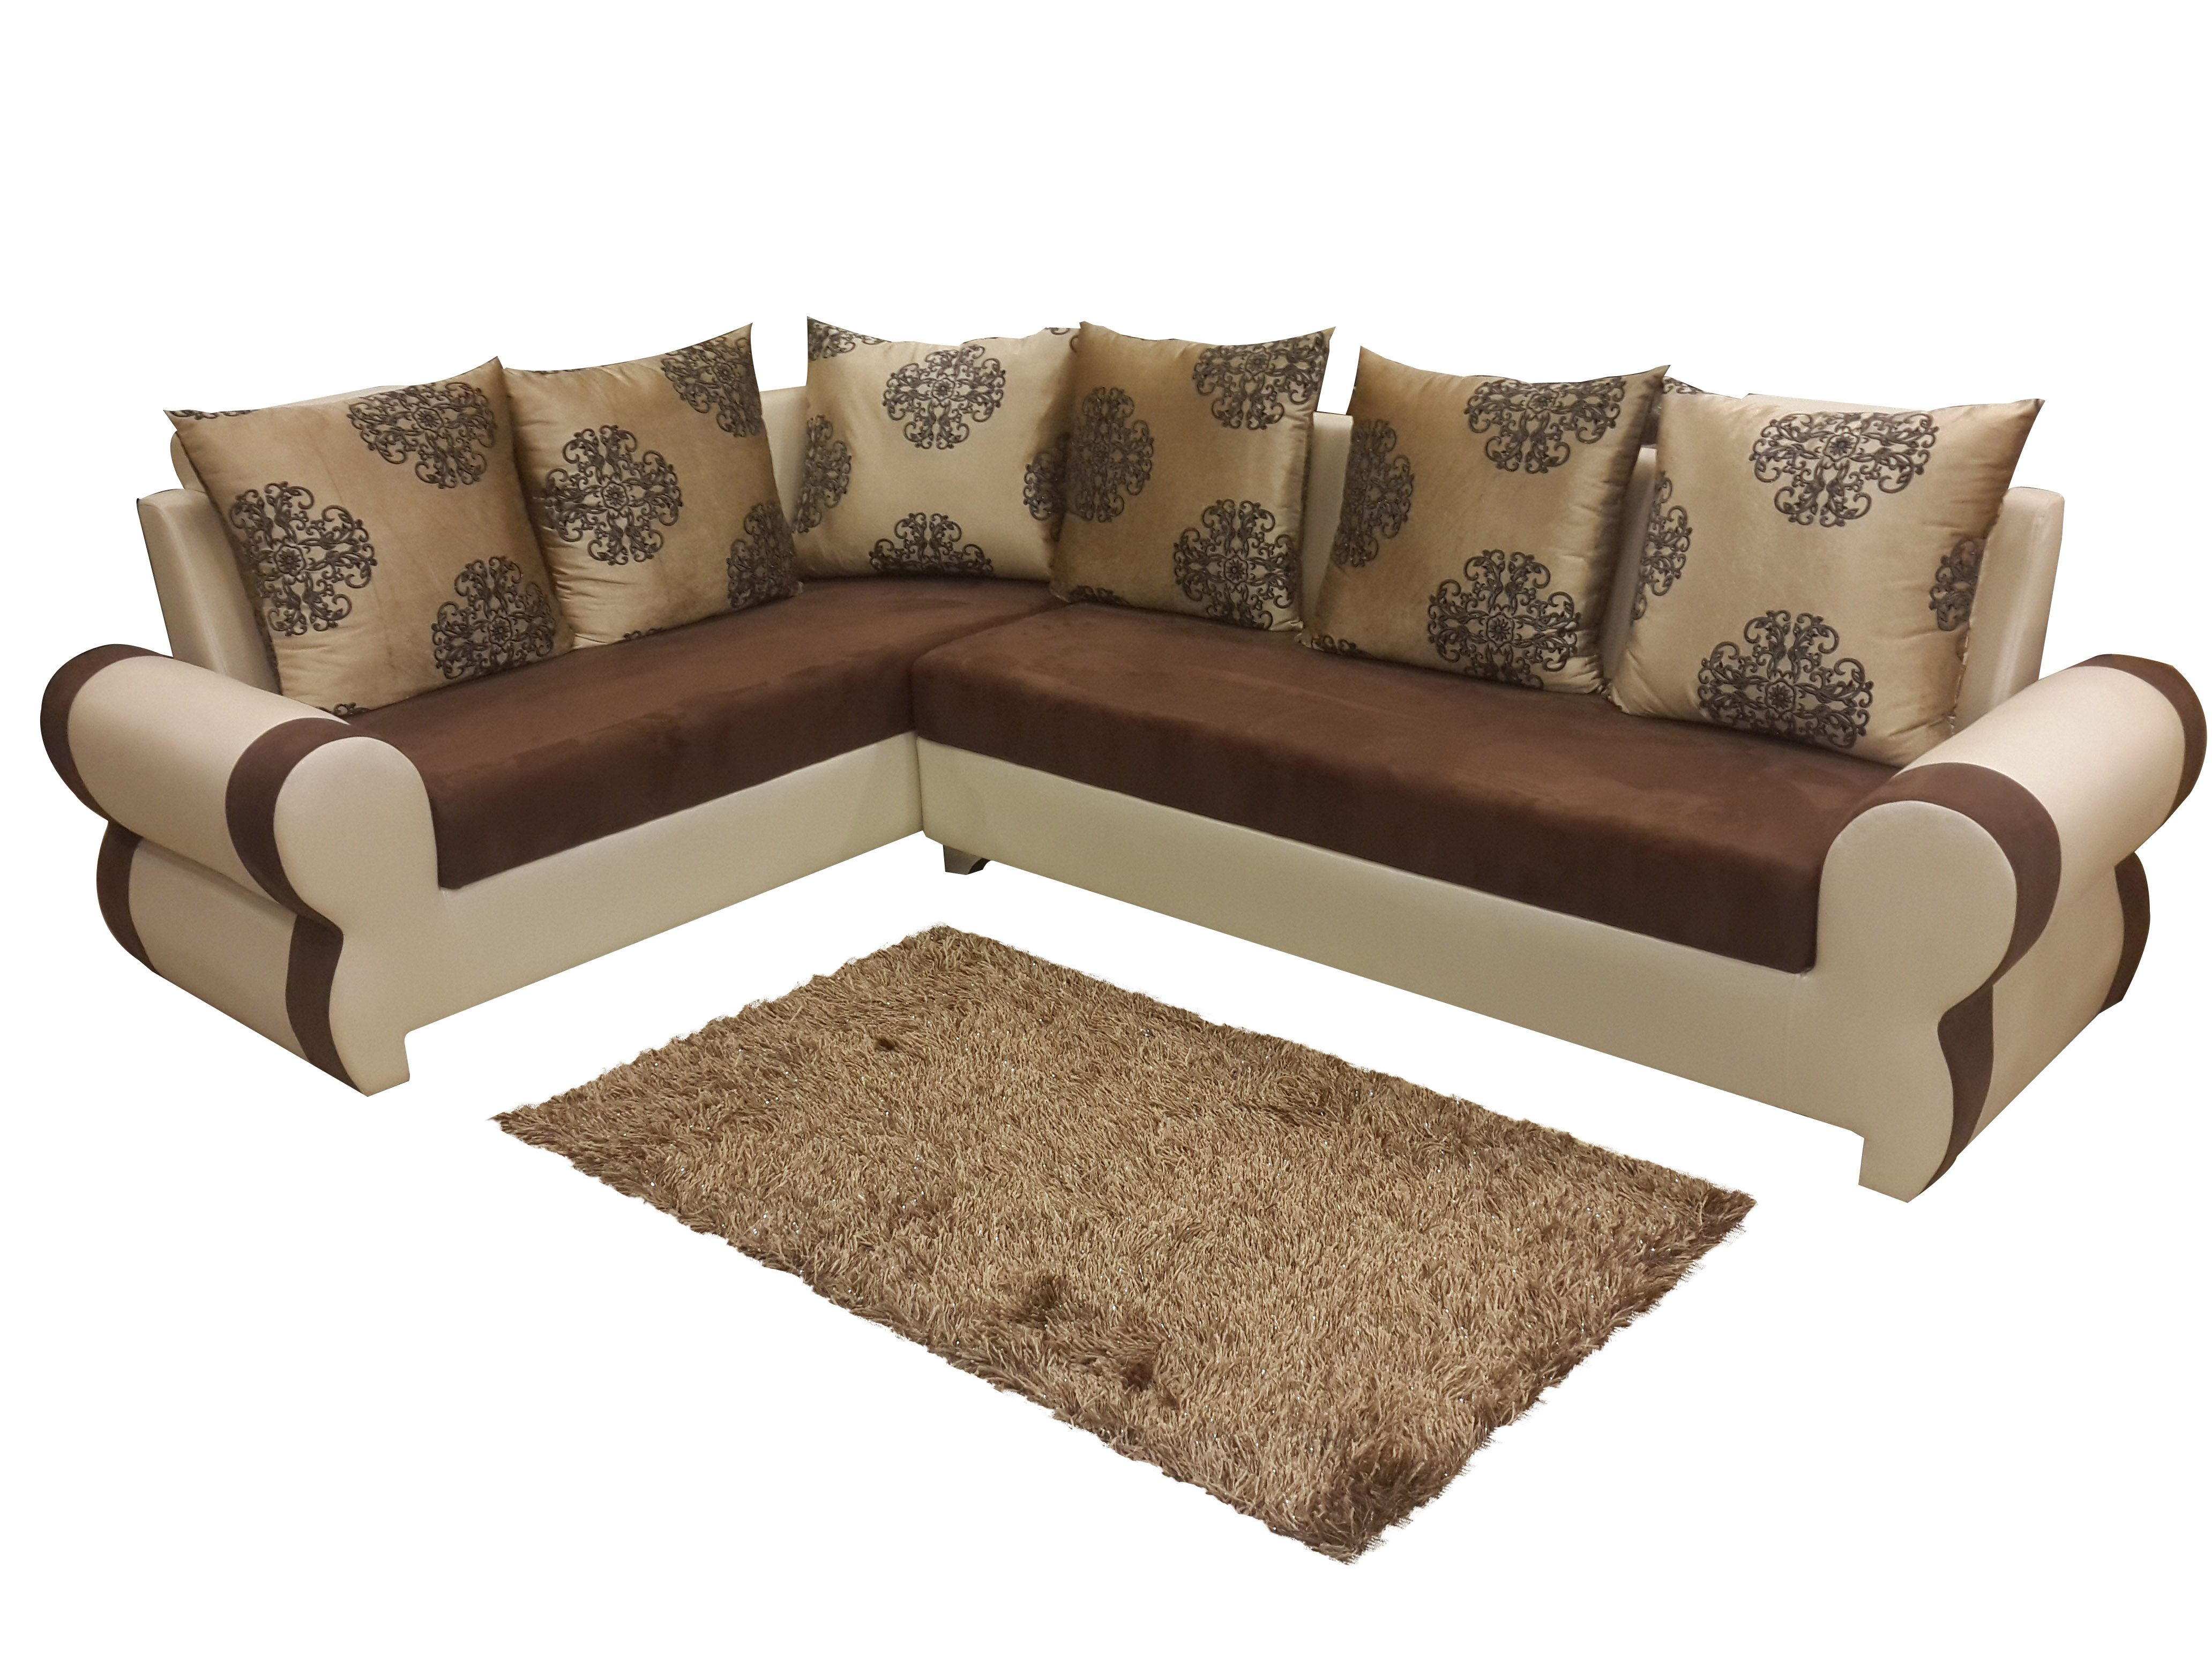 steel sofa set online chennai narrow double bed sofas brokeasshome